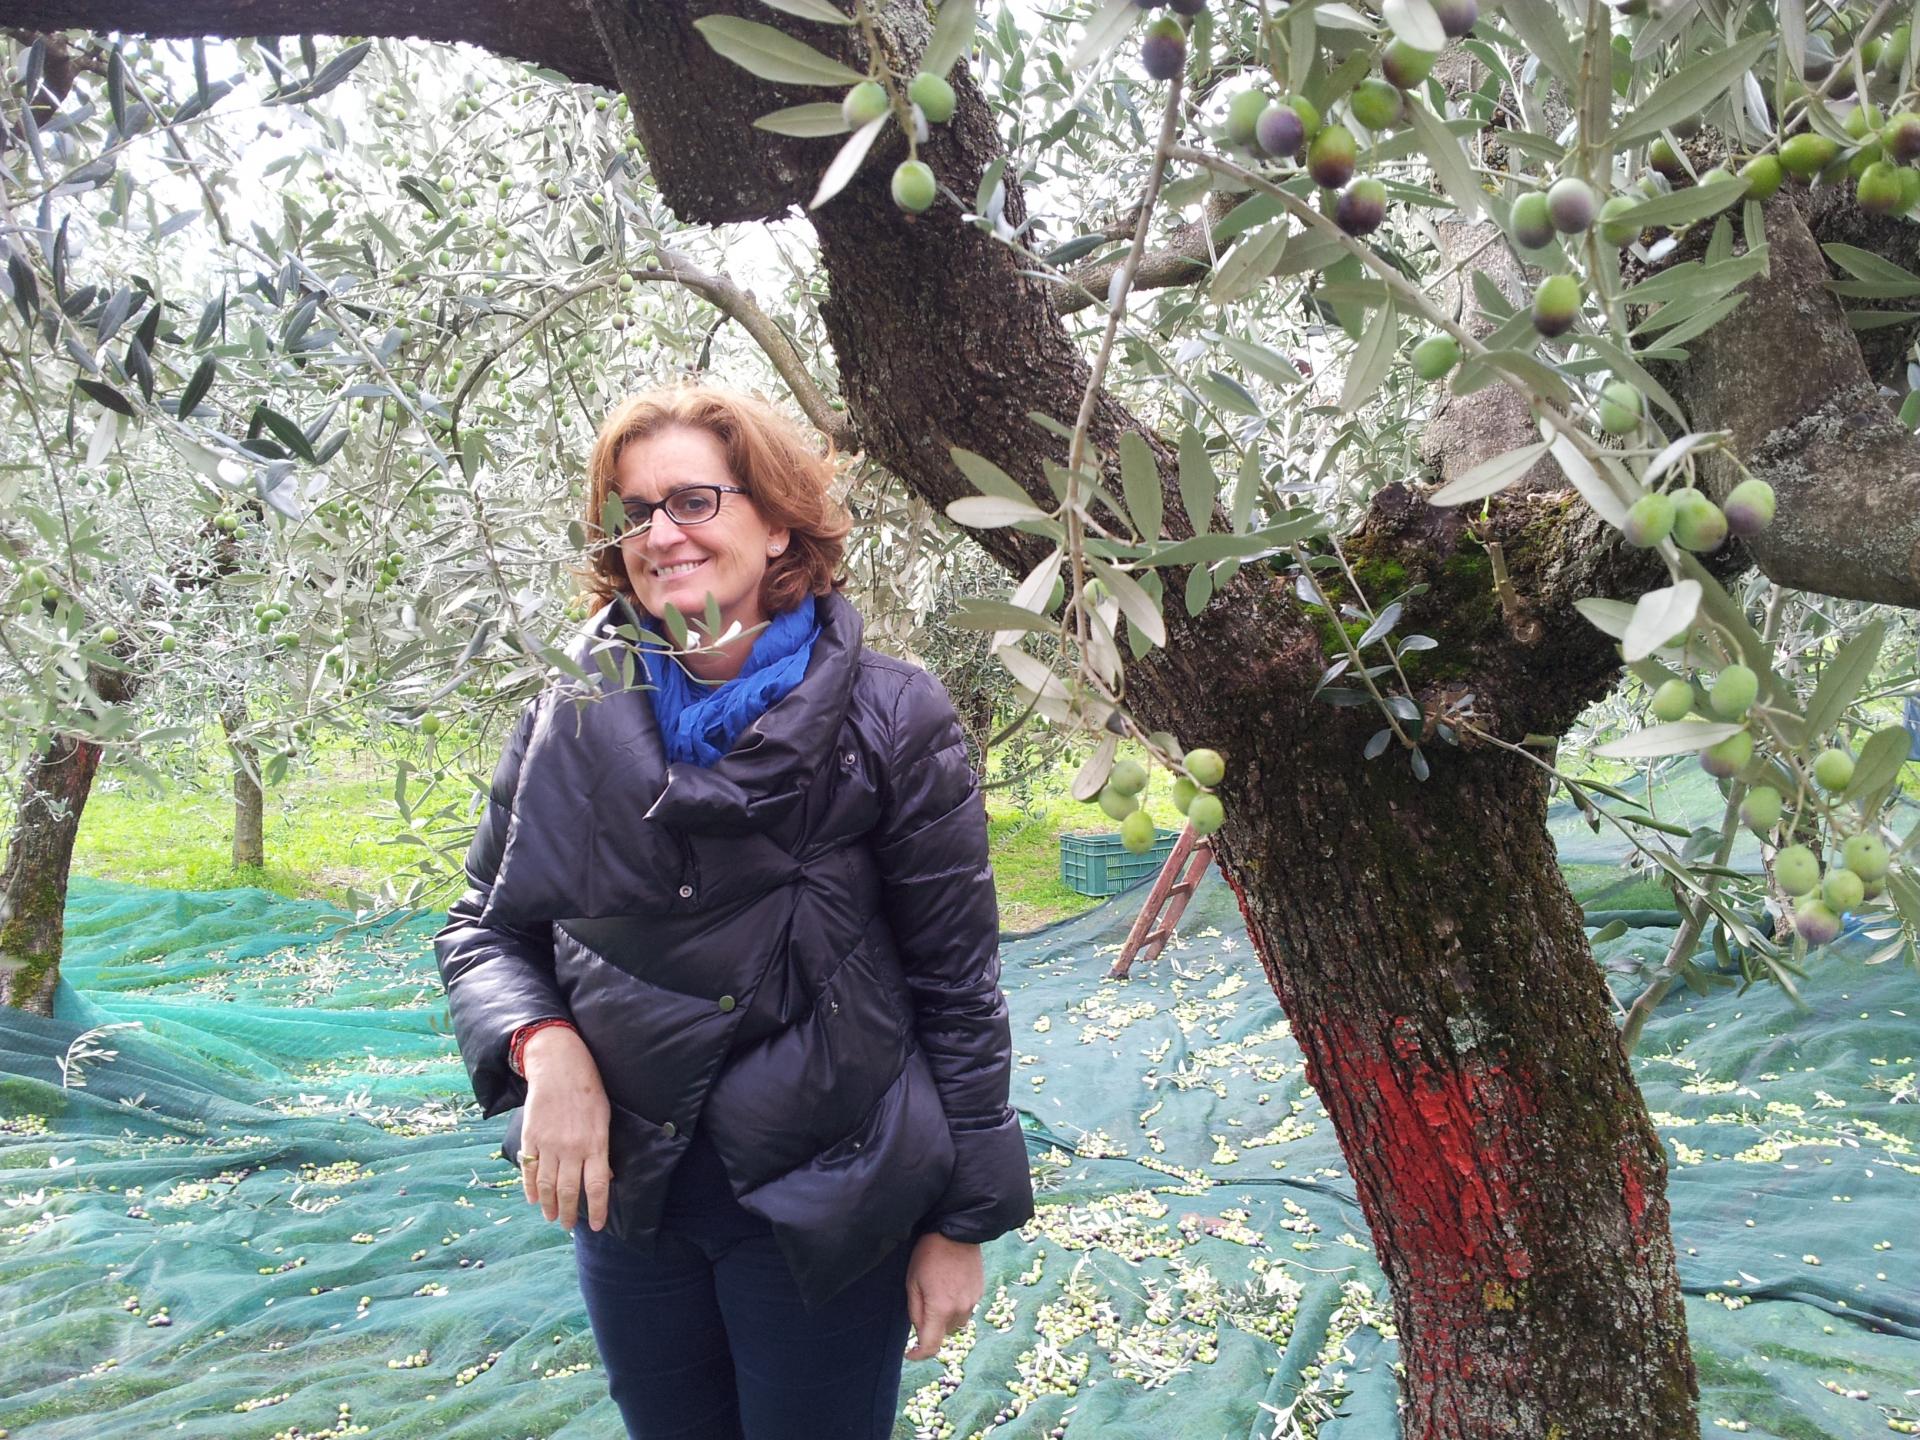 Un atto di coraggio per l'olivicoltura